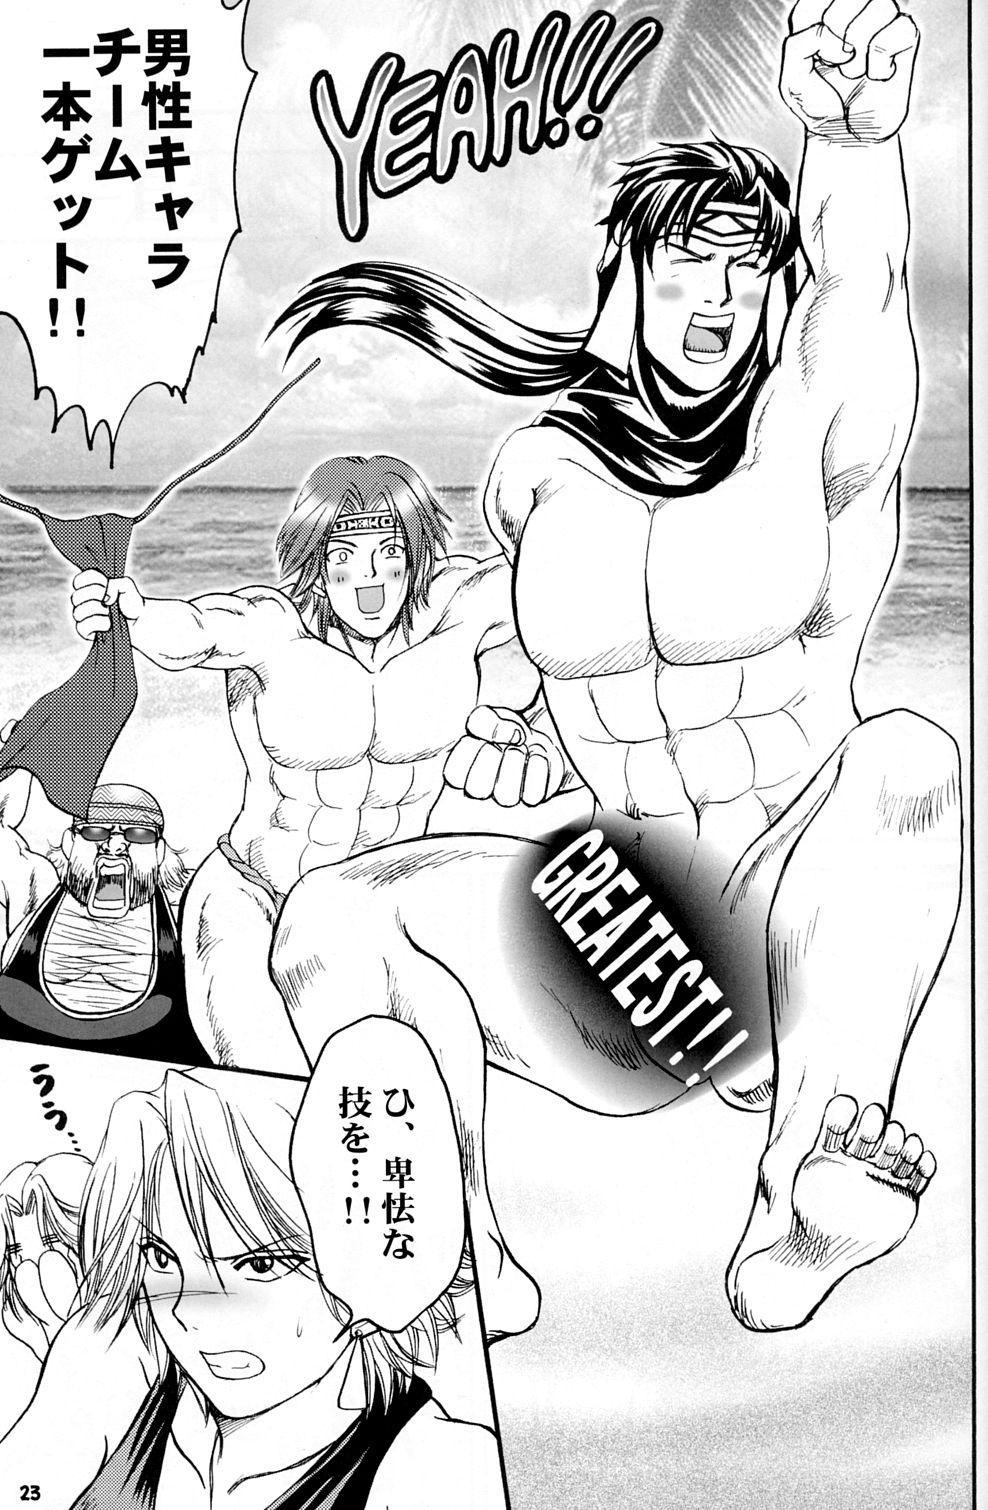 Gokujou desu yo! - It's XTREME! 21